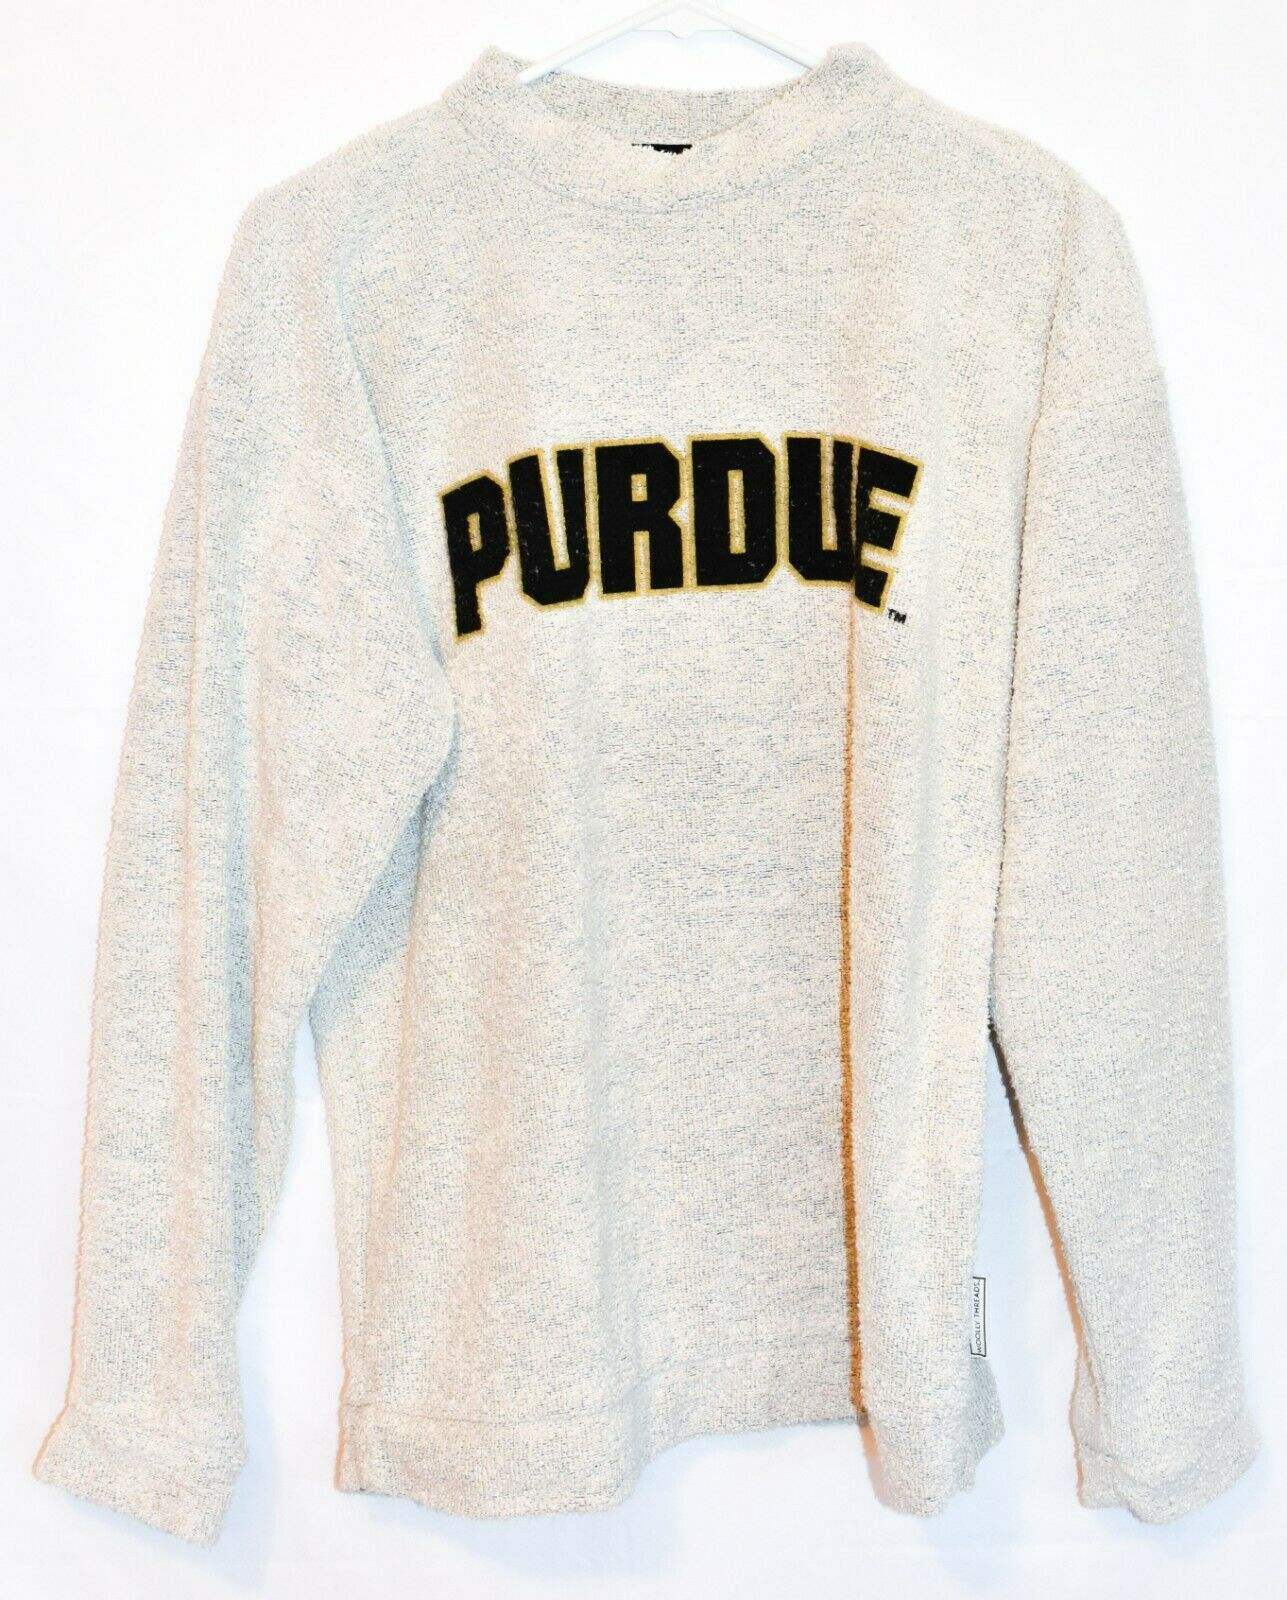 Woolly Threads Original Purdue Collegiate Sweatshirt Size S